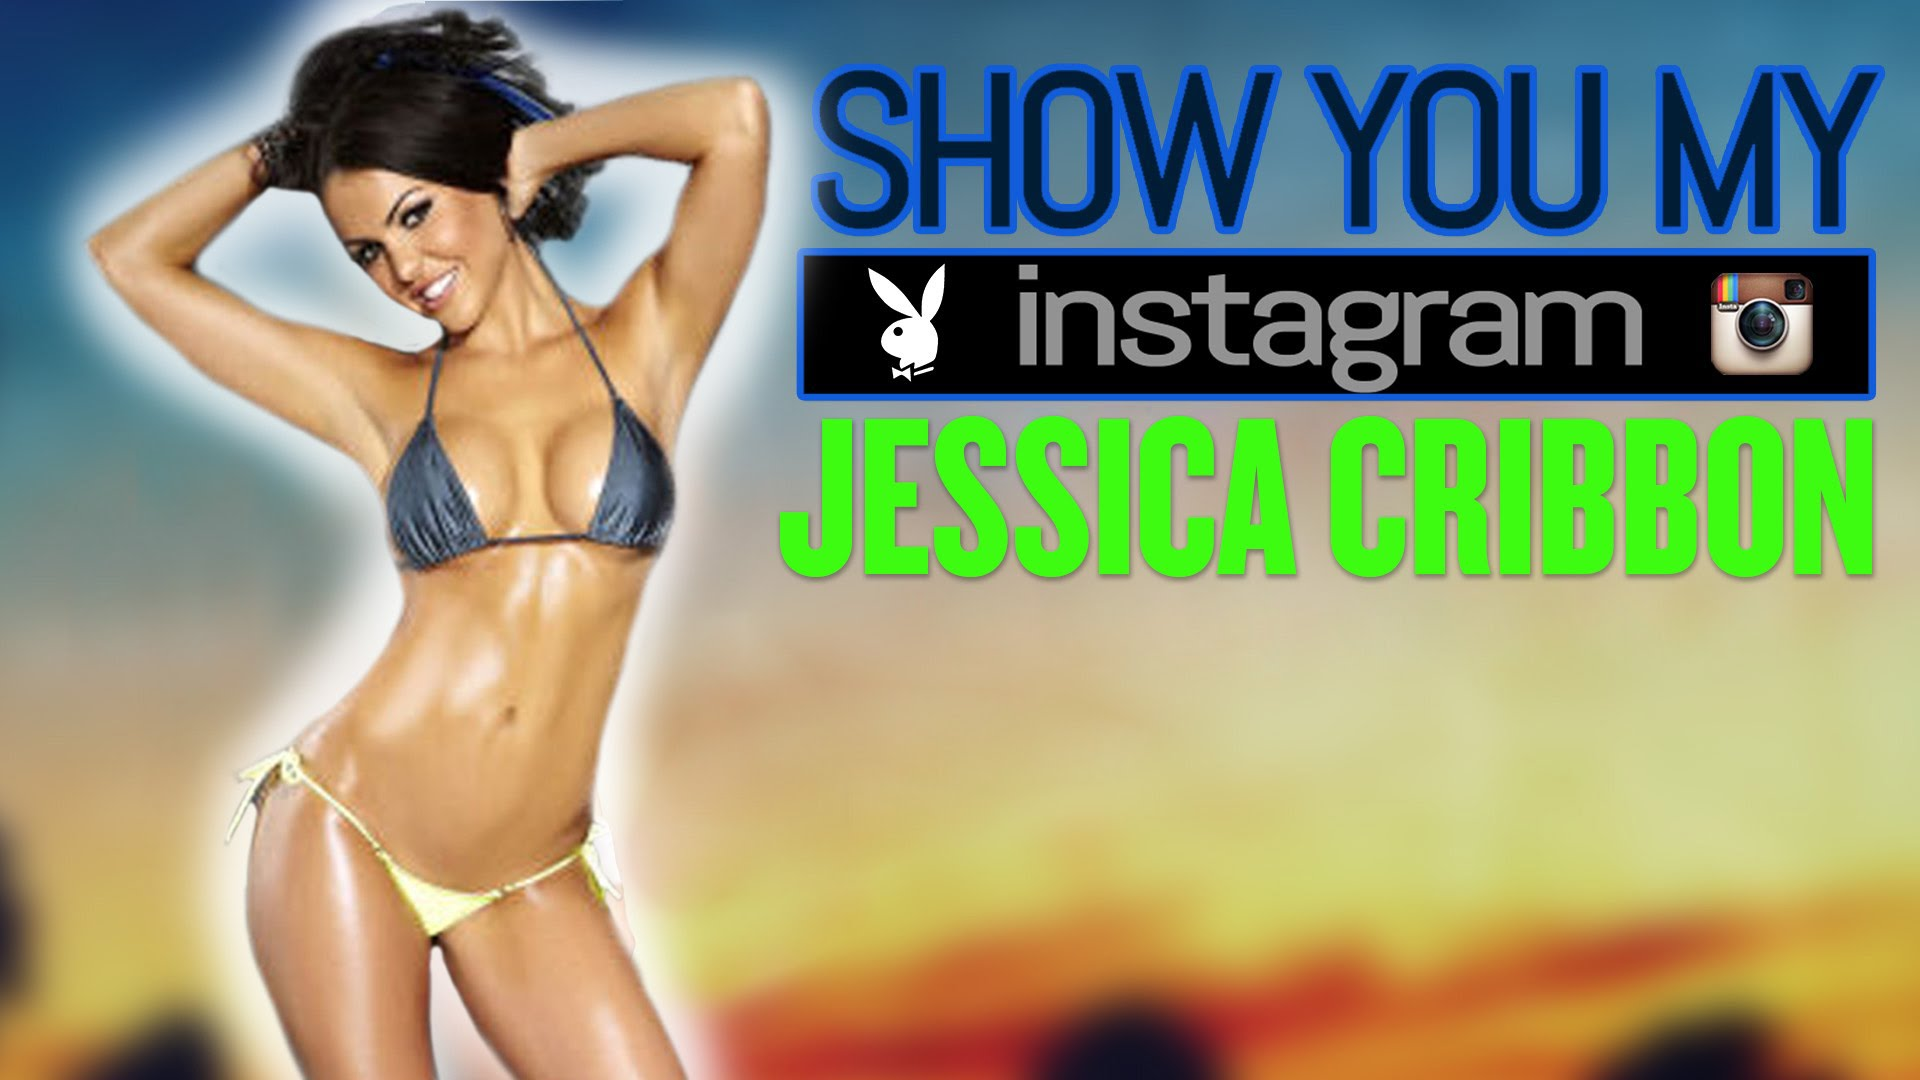 Jessica Cribbon apresentando o seu instagram